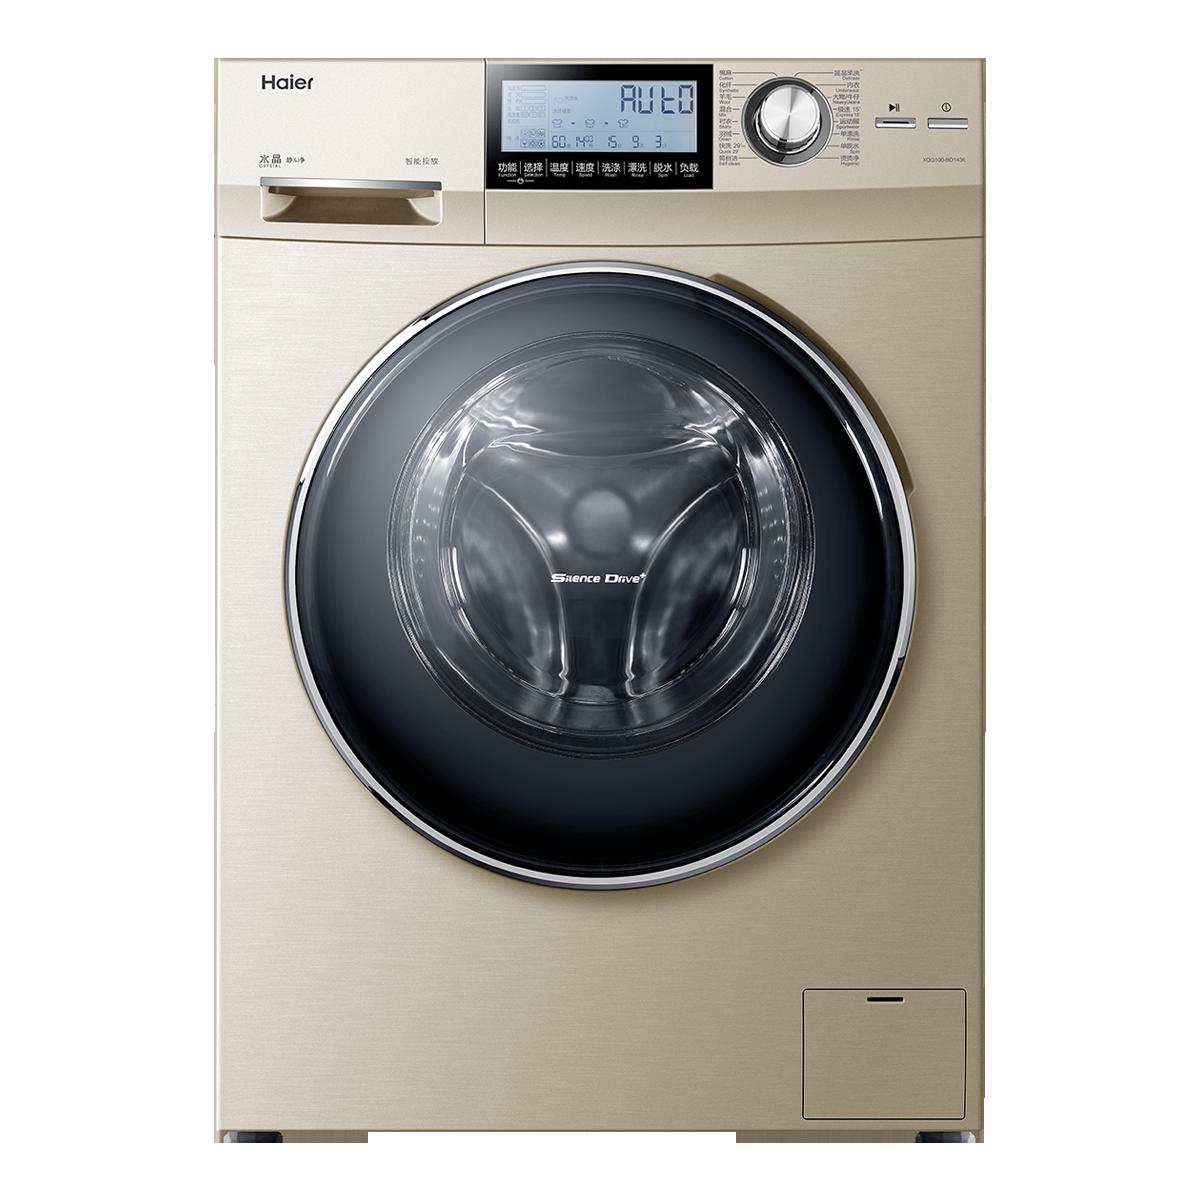 海尔Haier洗衣机 XQG100-BD1436 说明书